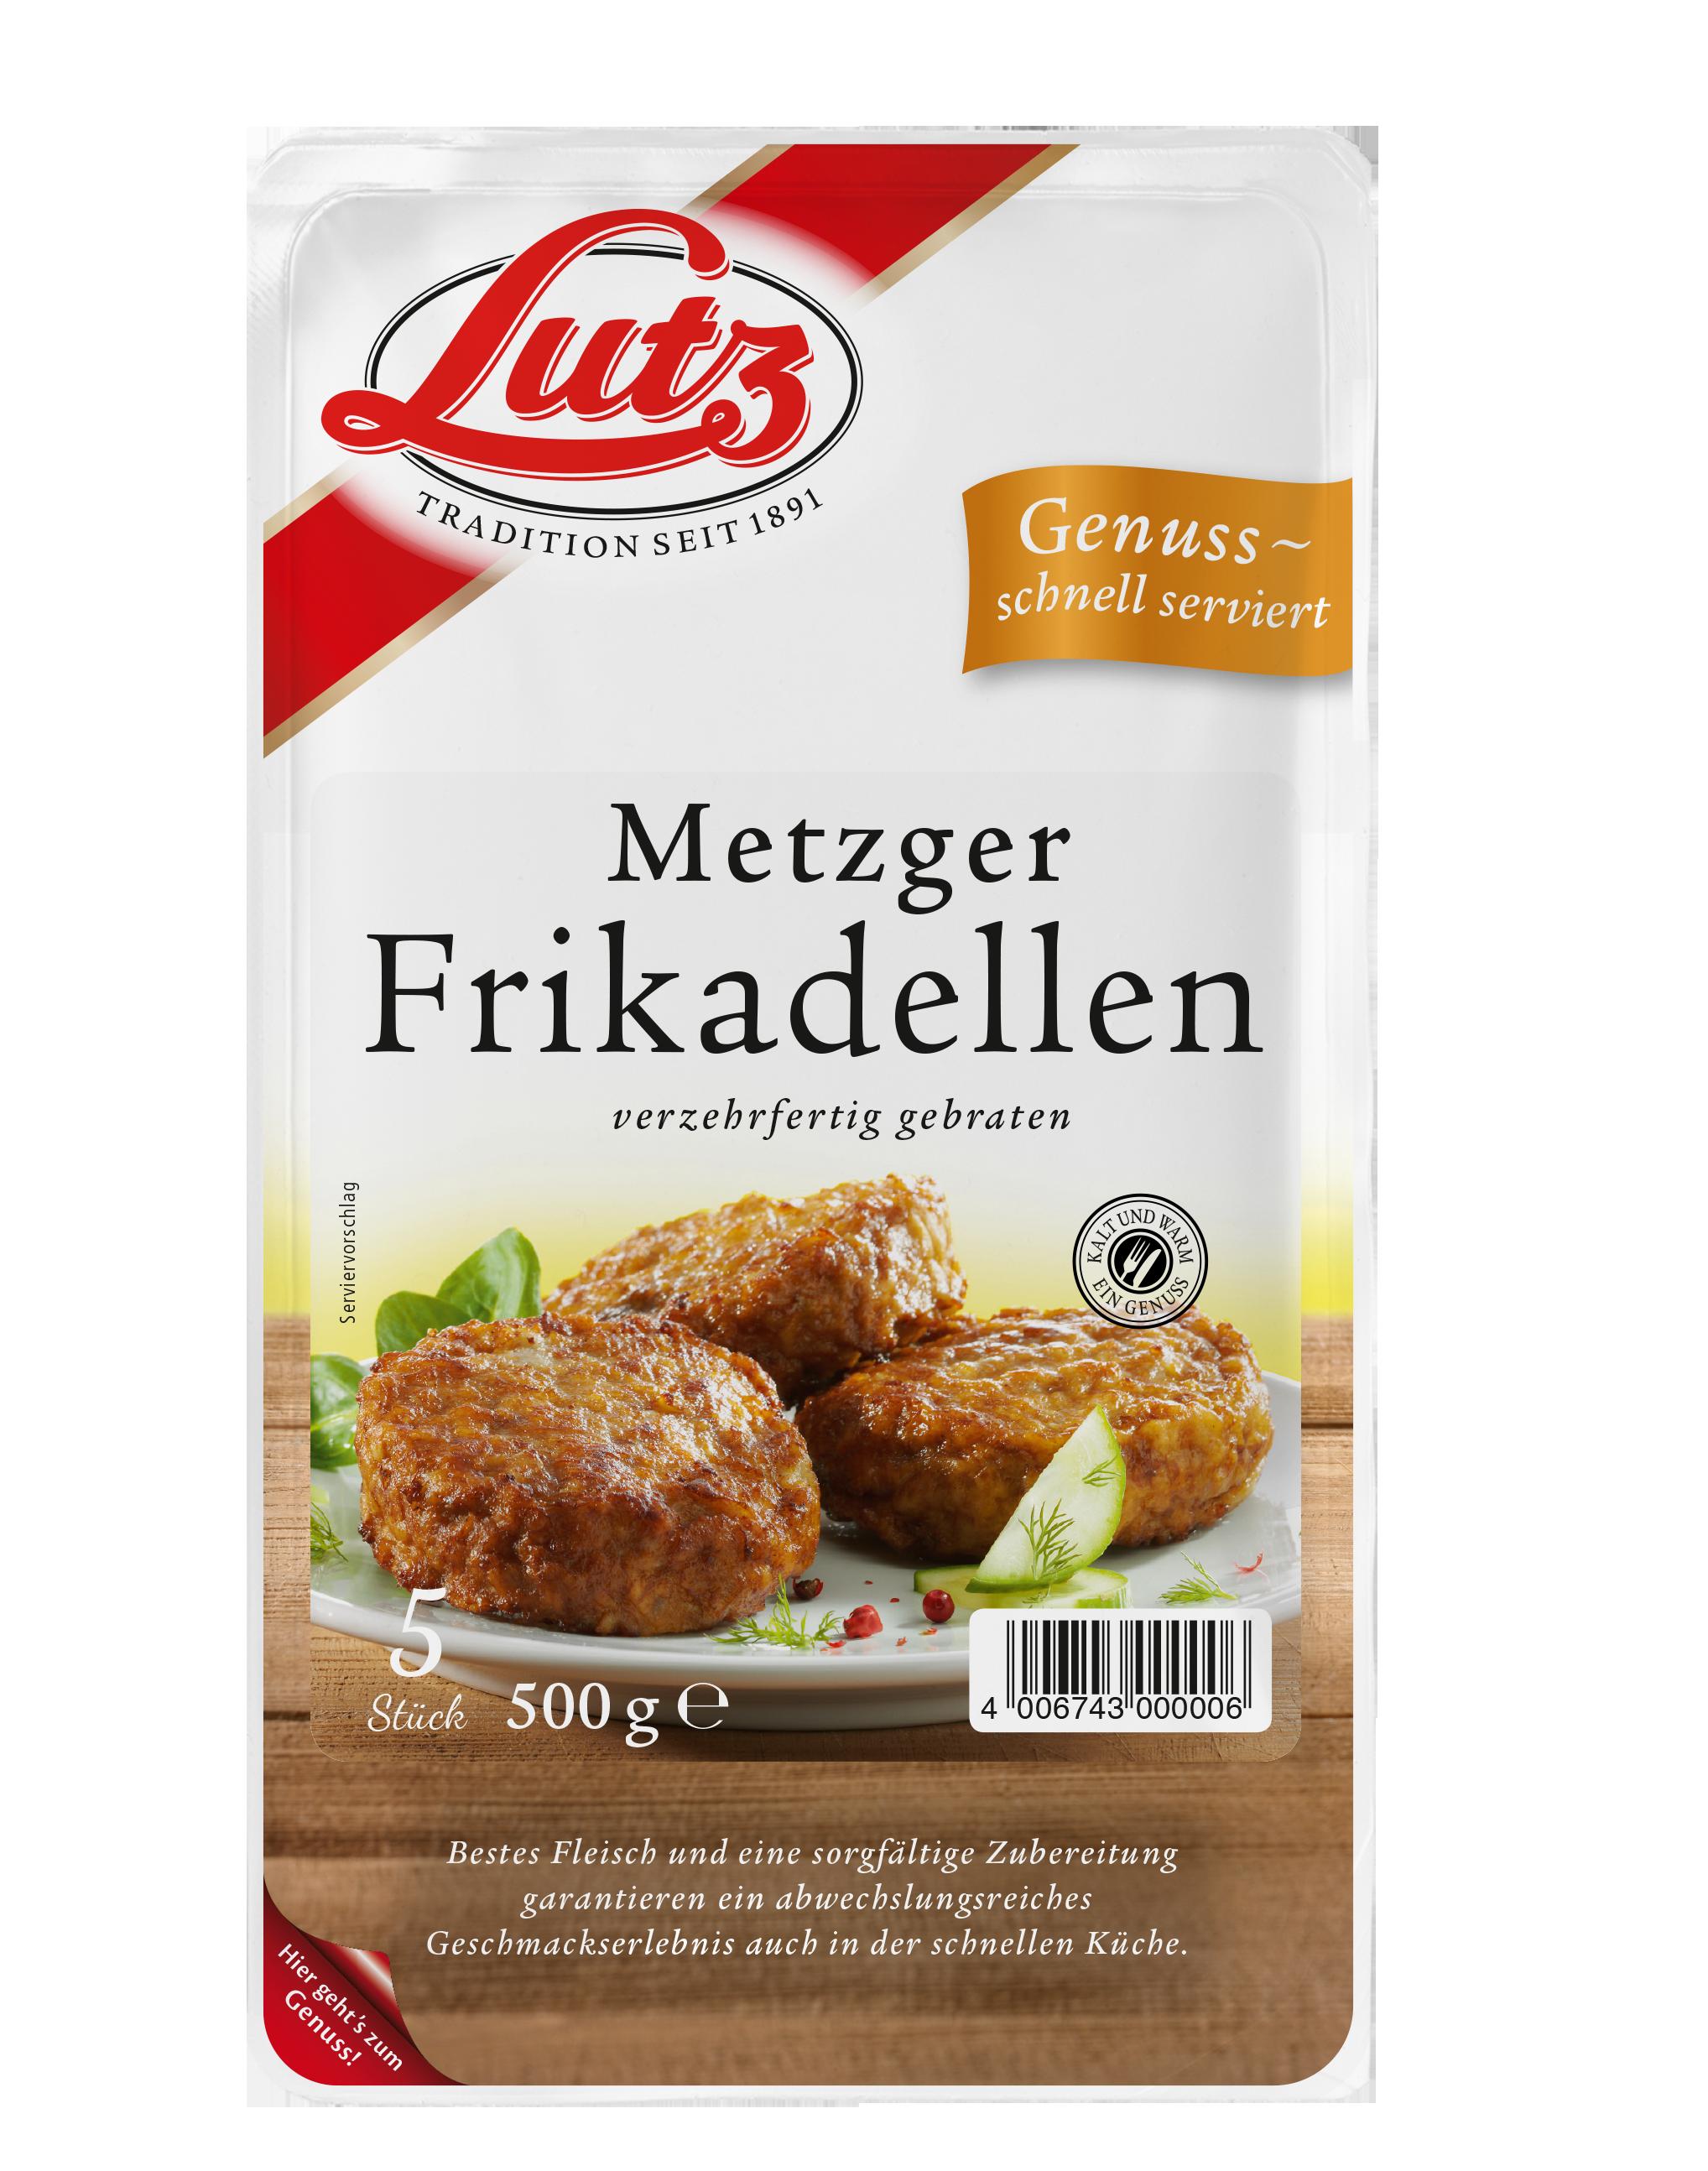 Metzger Frikadelle